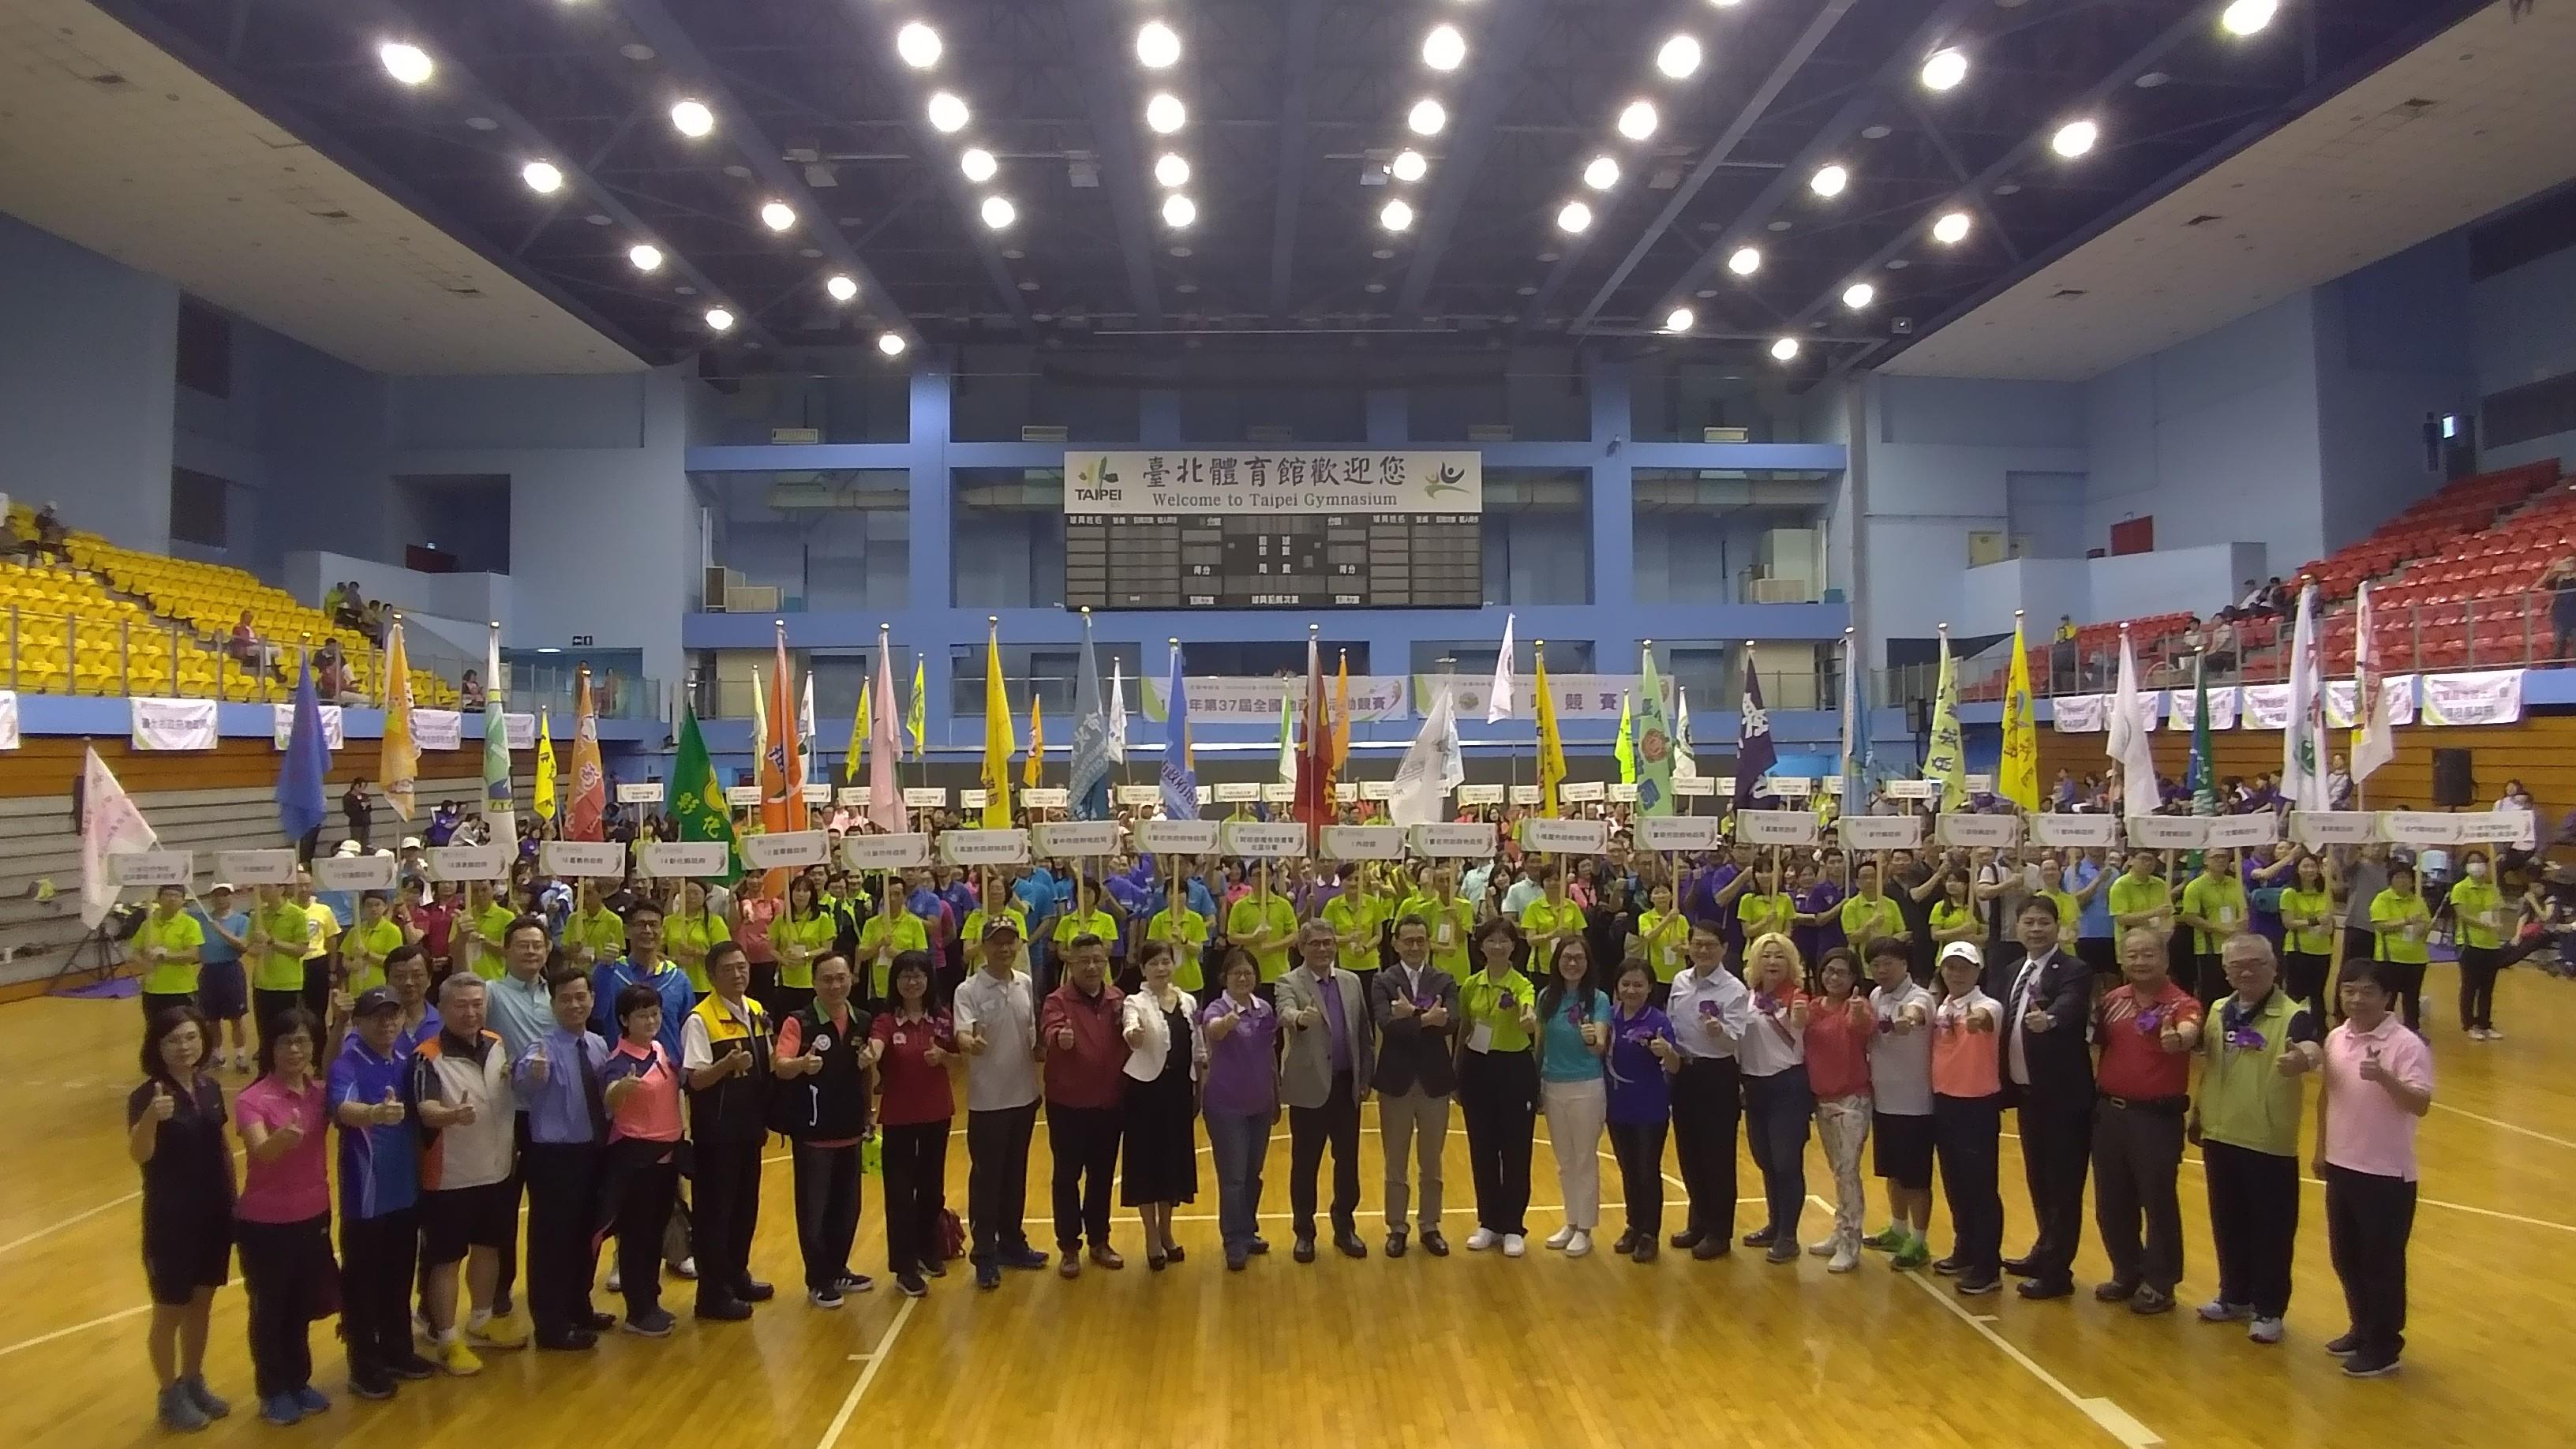 開幕典禮臺北市政府地政局張局長治祥與與會貴賓、參賽隊伍合照